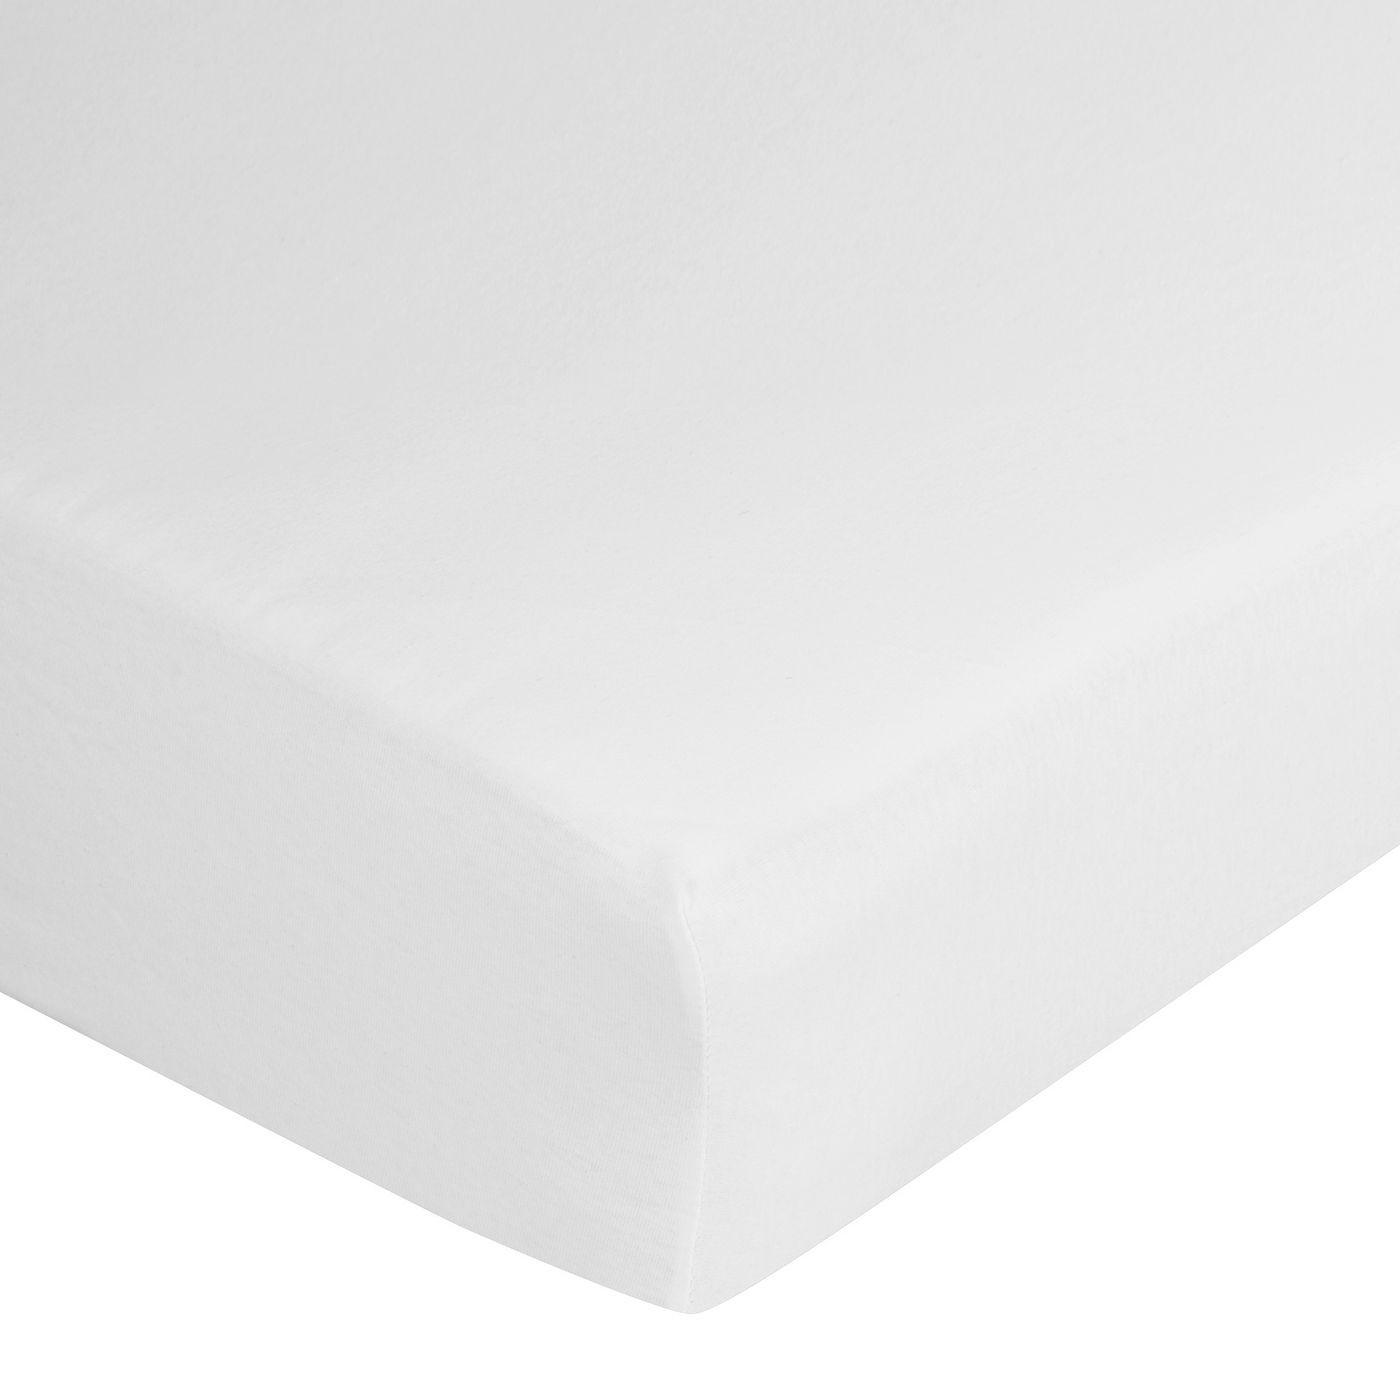 Prześcieradło bawełniane gładkie 120x200+25cm 140 kolor biały